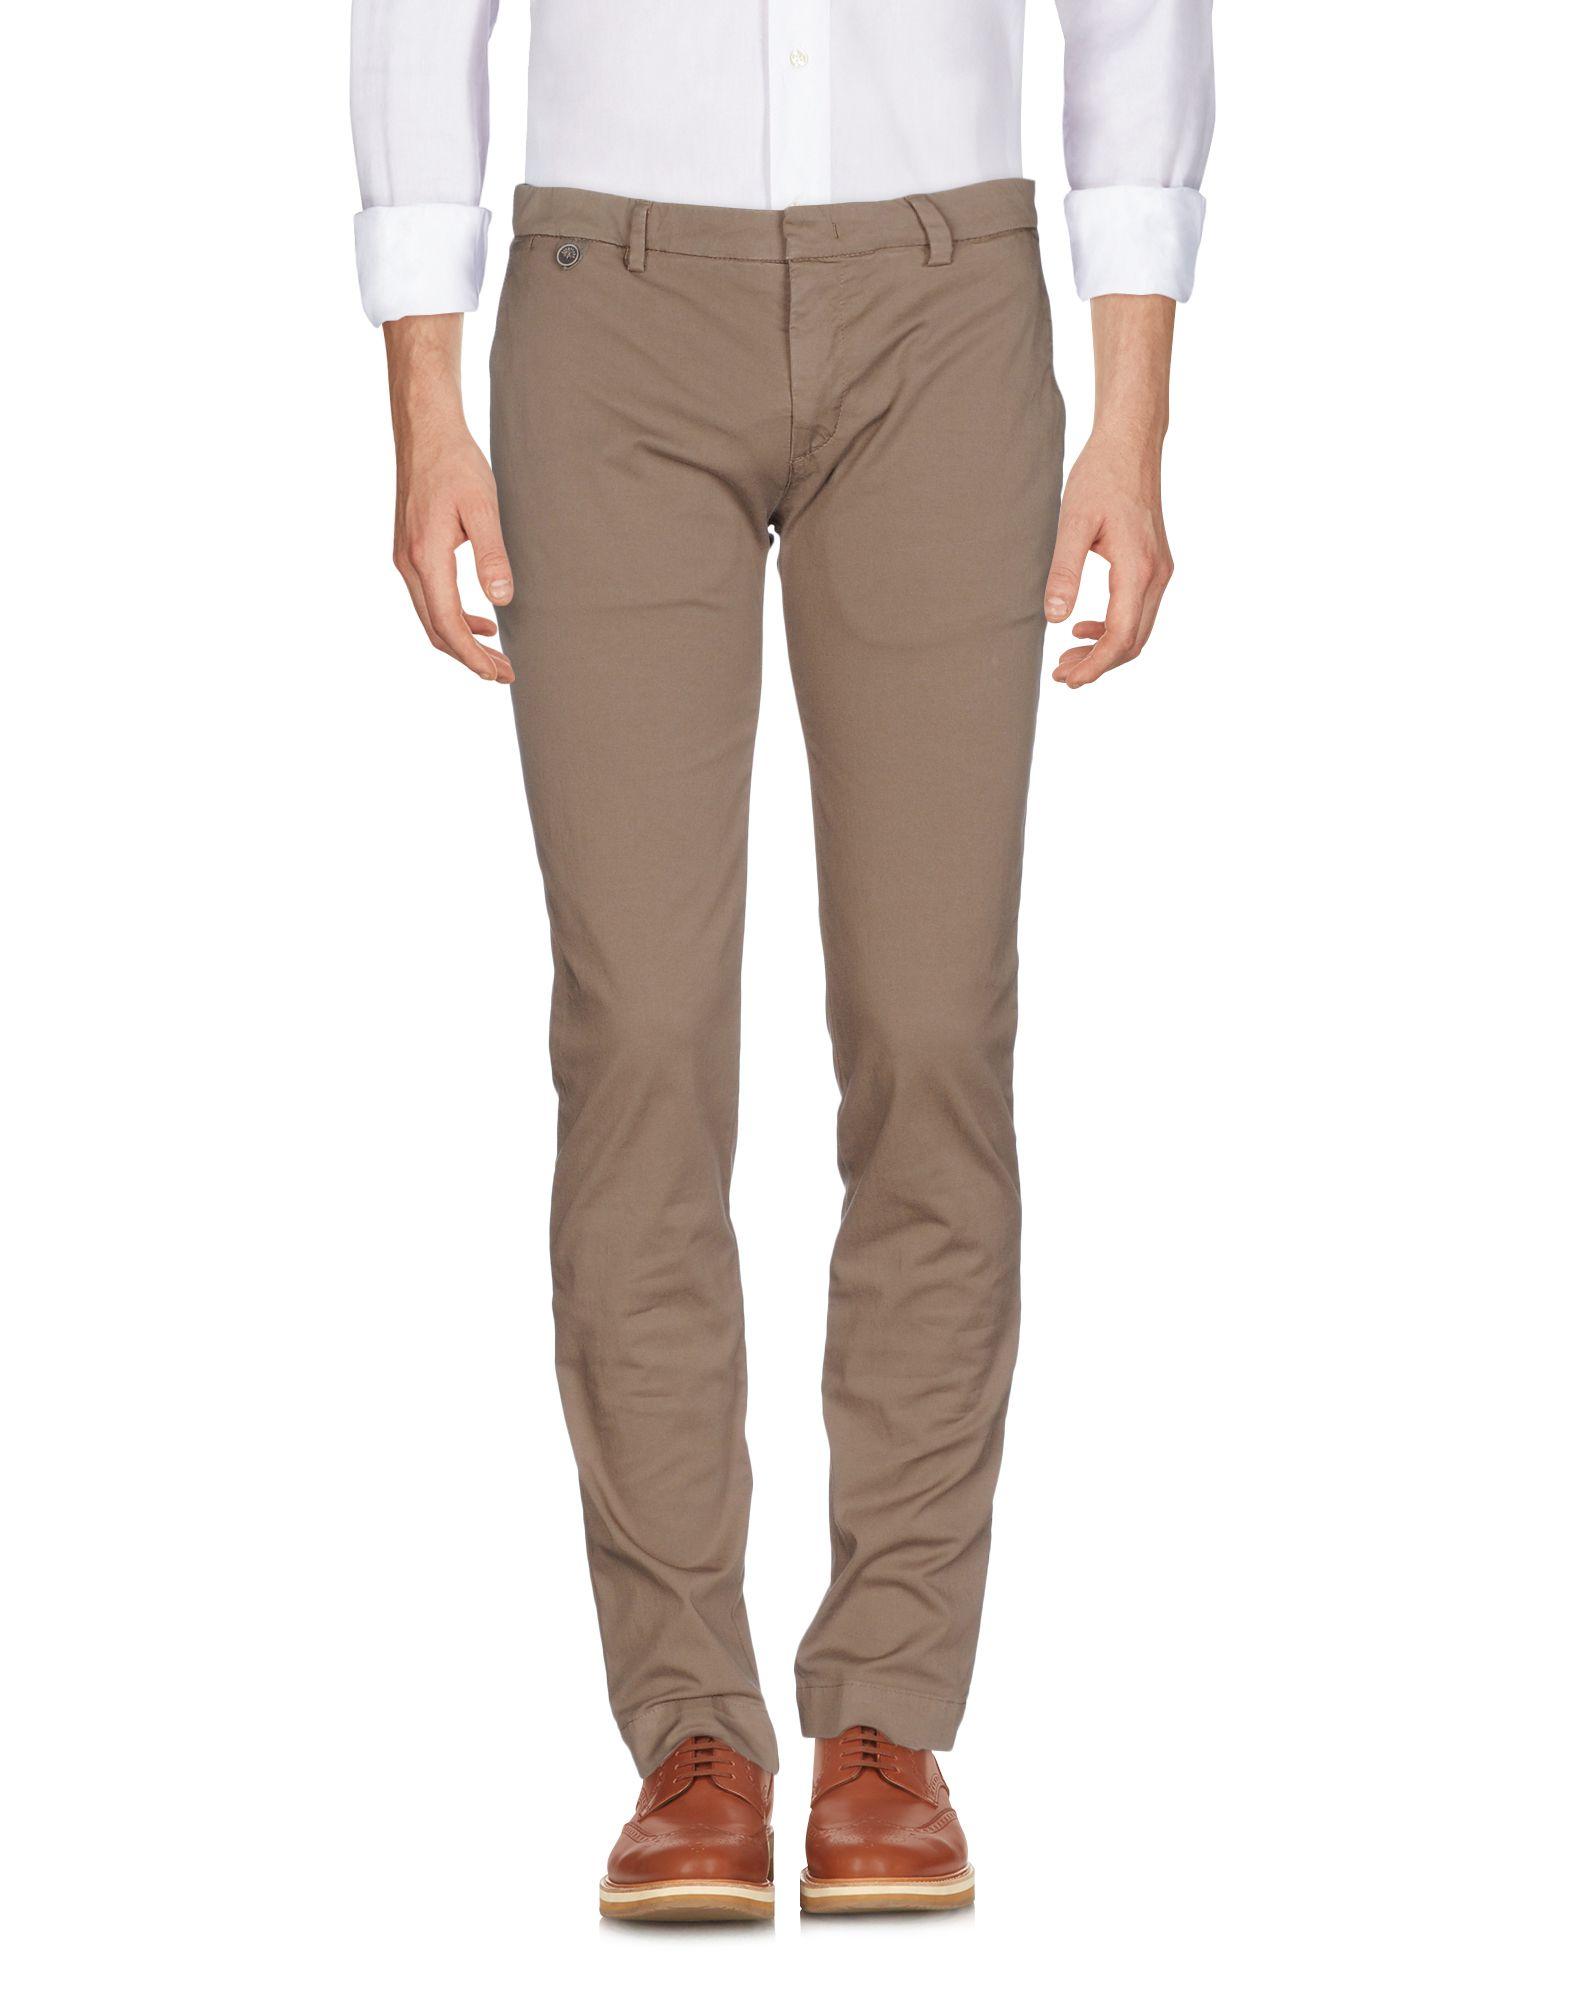 ESEMPLARE Herren Hose Farbe Khaki Größe 7 jetztbilligerkaufen